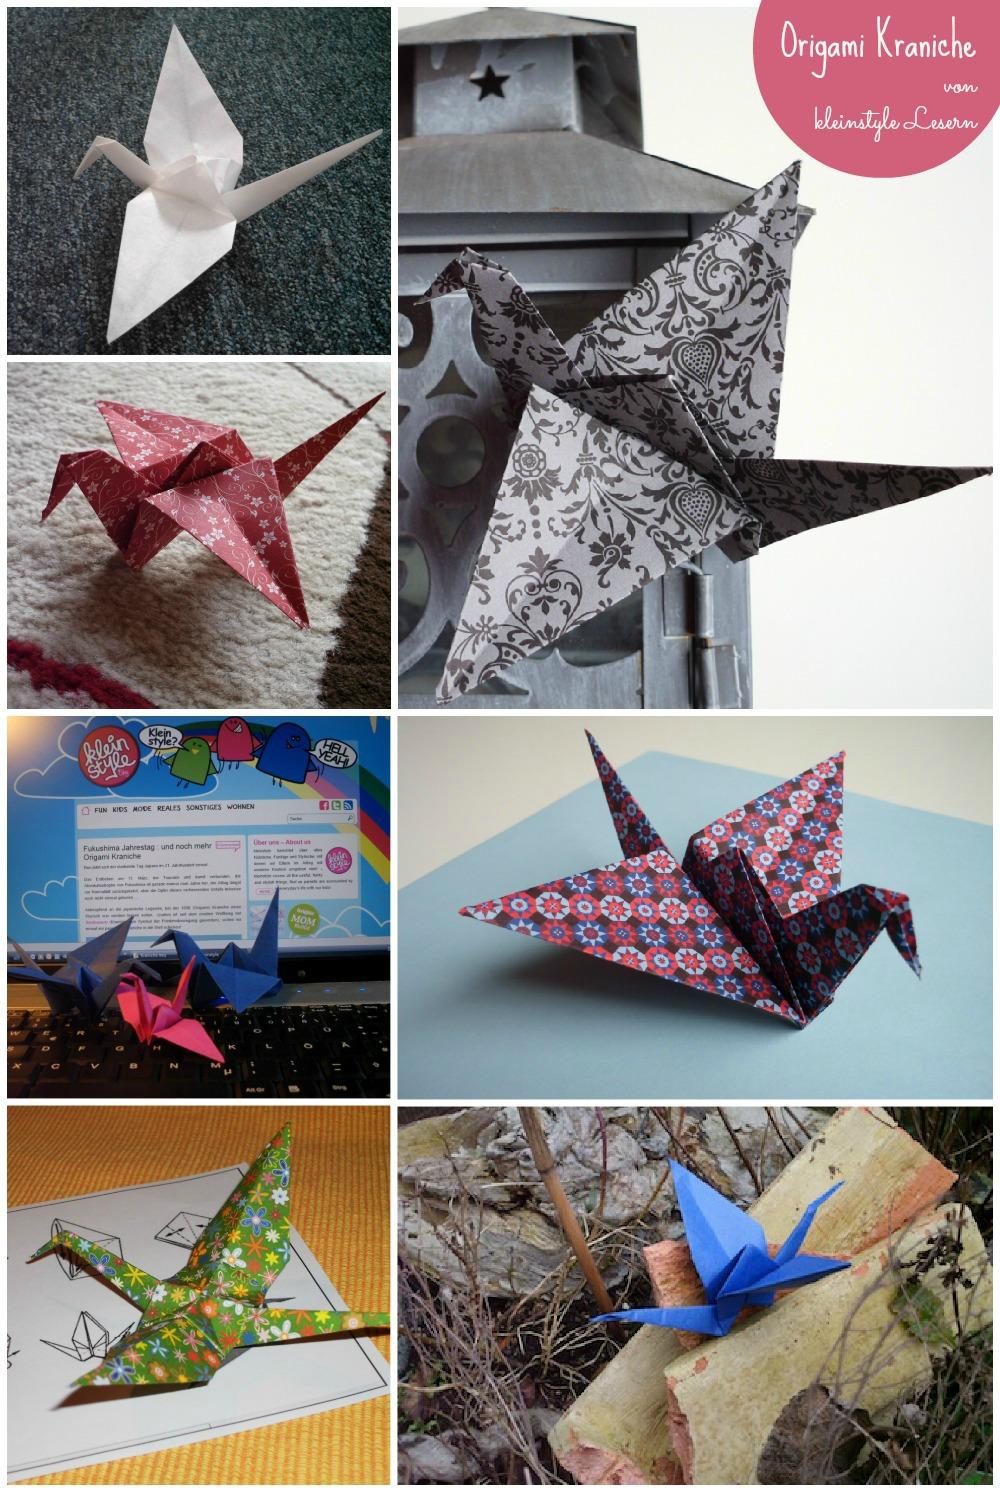 origami Kranich Jahrestag Fukushima Japan kleinstyle Leser Bilder einsendungen